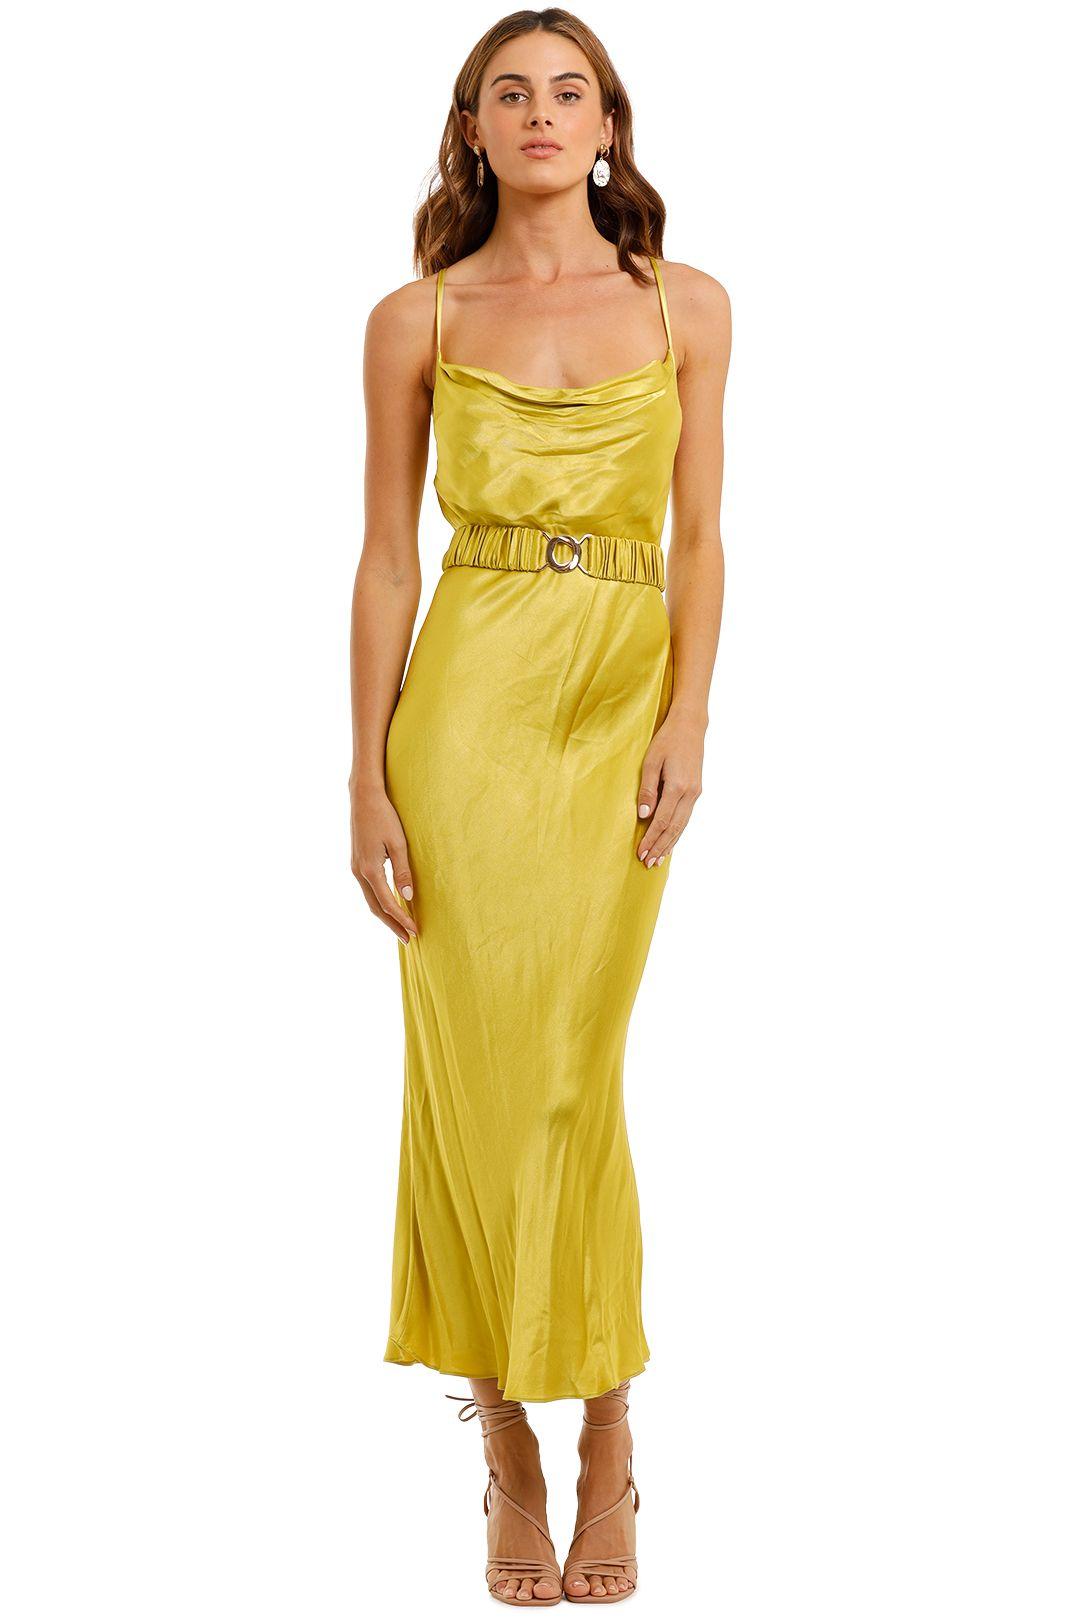 Shona Joy Gala Bias Midi Dress Lime